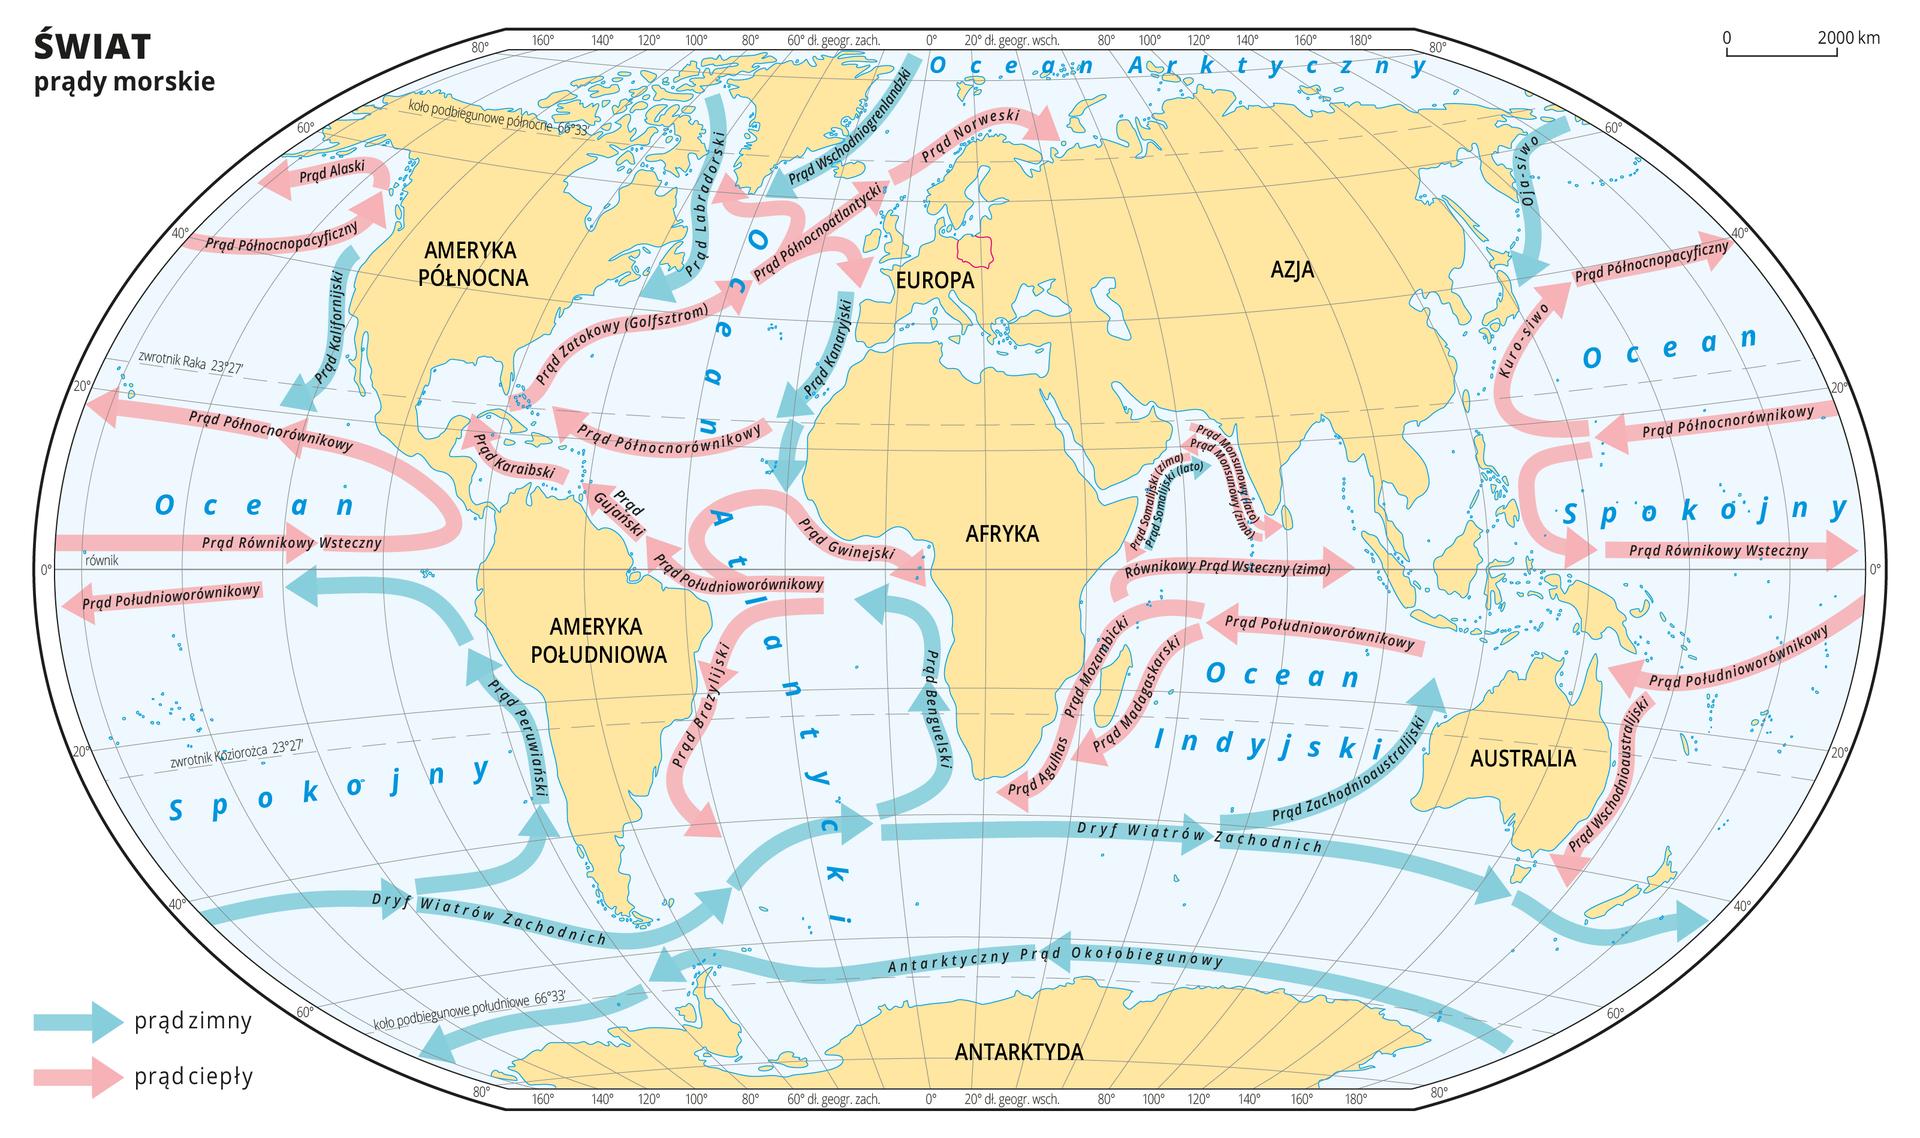 Ilustracja przedstawia mapę świata. Opisano kontynenty ioceany. Wody zaznaczono kolorem niebieskim. Na mapie wobrębie mórz ioceanów zaznaczono niebieskimi strzałkami zimne prądy morskie, aczerwonymi strzałkami ciepłe prądy morskie. Na strzałkach zapisano nazwy prądów. Większość czerwonych strzałek przebiega równoleżnikowo wokolicach równika iwzdłuż zwrotnika Raka, zmieniając kierunek uwybrzeży kontynentów. Większość strzałek niebieskich przebiega na obszarze półkuli południowej, skierowane są zzachodu na wschód izmieniają kierunek wkierunku północnym uwybrzeży kontynentów. Wzdłuż wybrzeży Ameryki Północnej, Grenlandii, Europy Zachodniej iAzji Wschodniej zkierunku północnego płyną zimne prądy morskie wkierunku południowym. Mapa pokryta jest równoleżnikami ipołudnikami. Dookoła mapy wbiałej ramce opisano współrzędne geograficzne co dwadzieścia stopni. Wlegendzie umieszczono opisane strzałki – niebieską dla prądów zimnych iczerwoną dla prądów ciepłych.